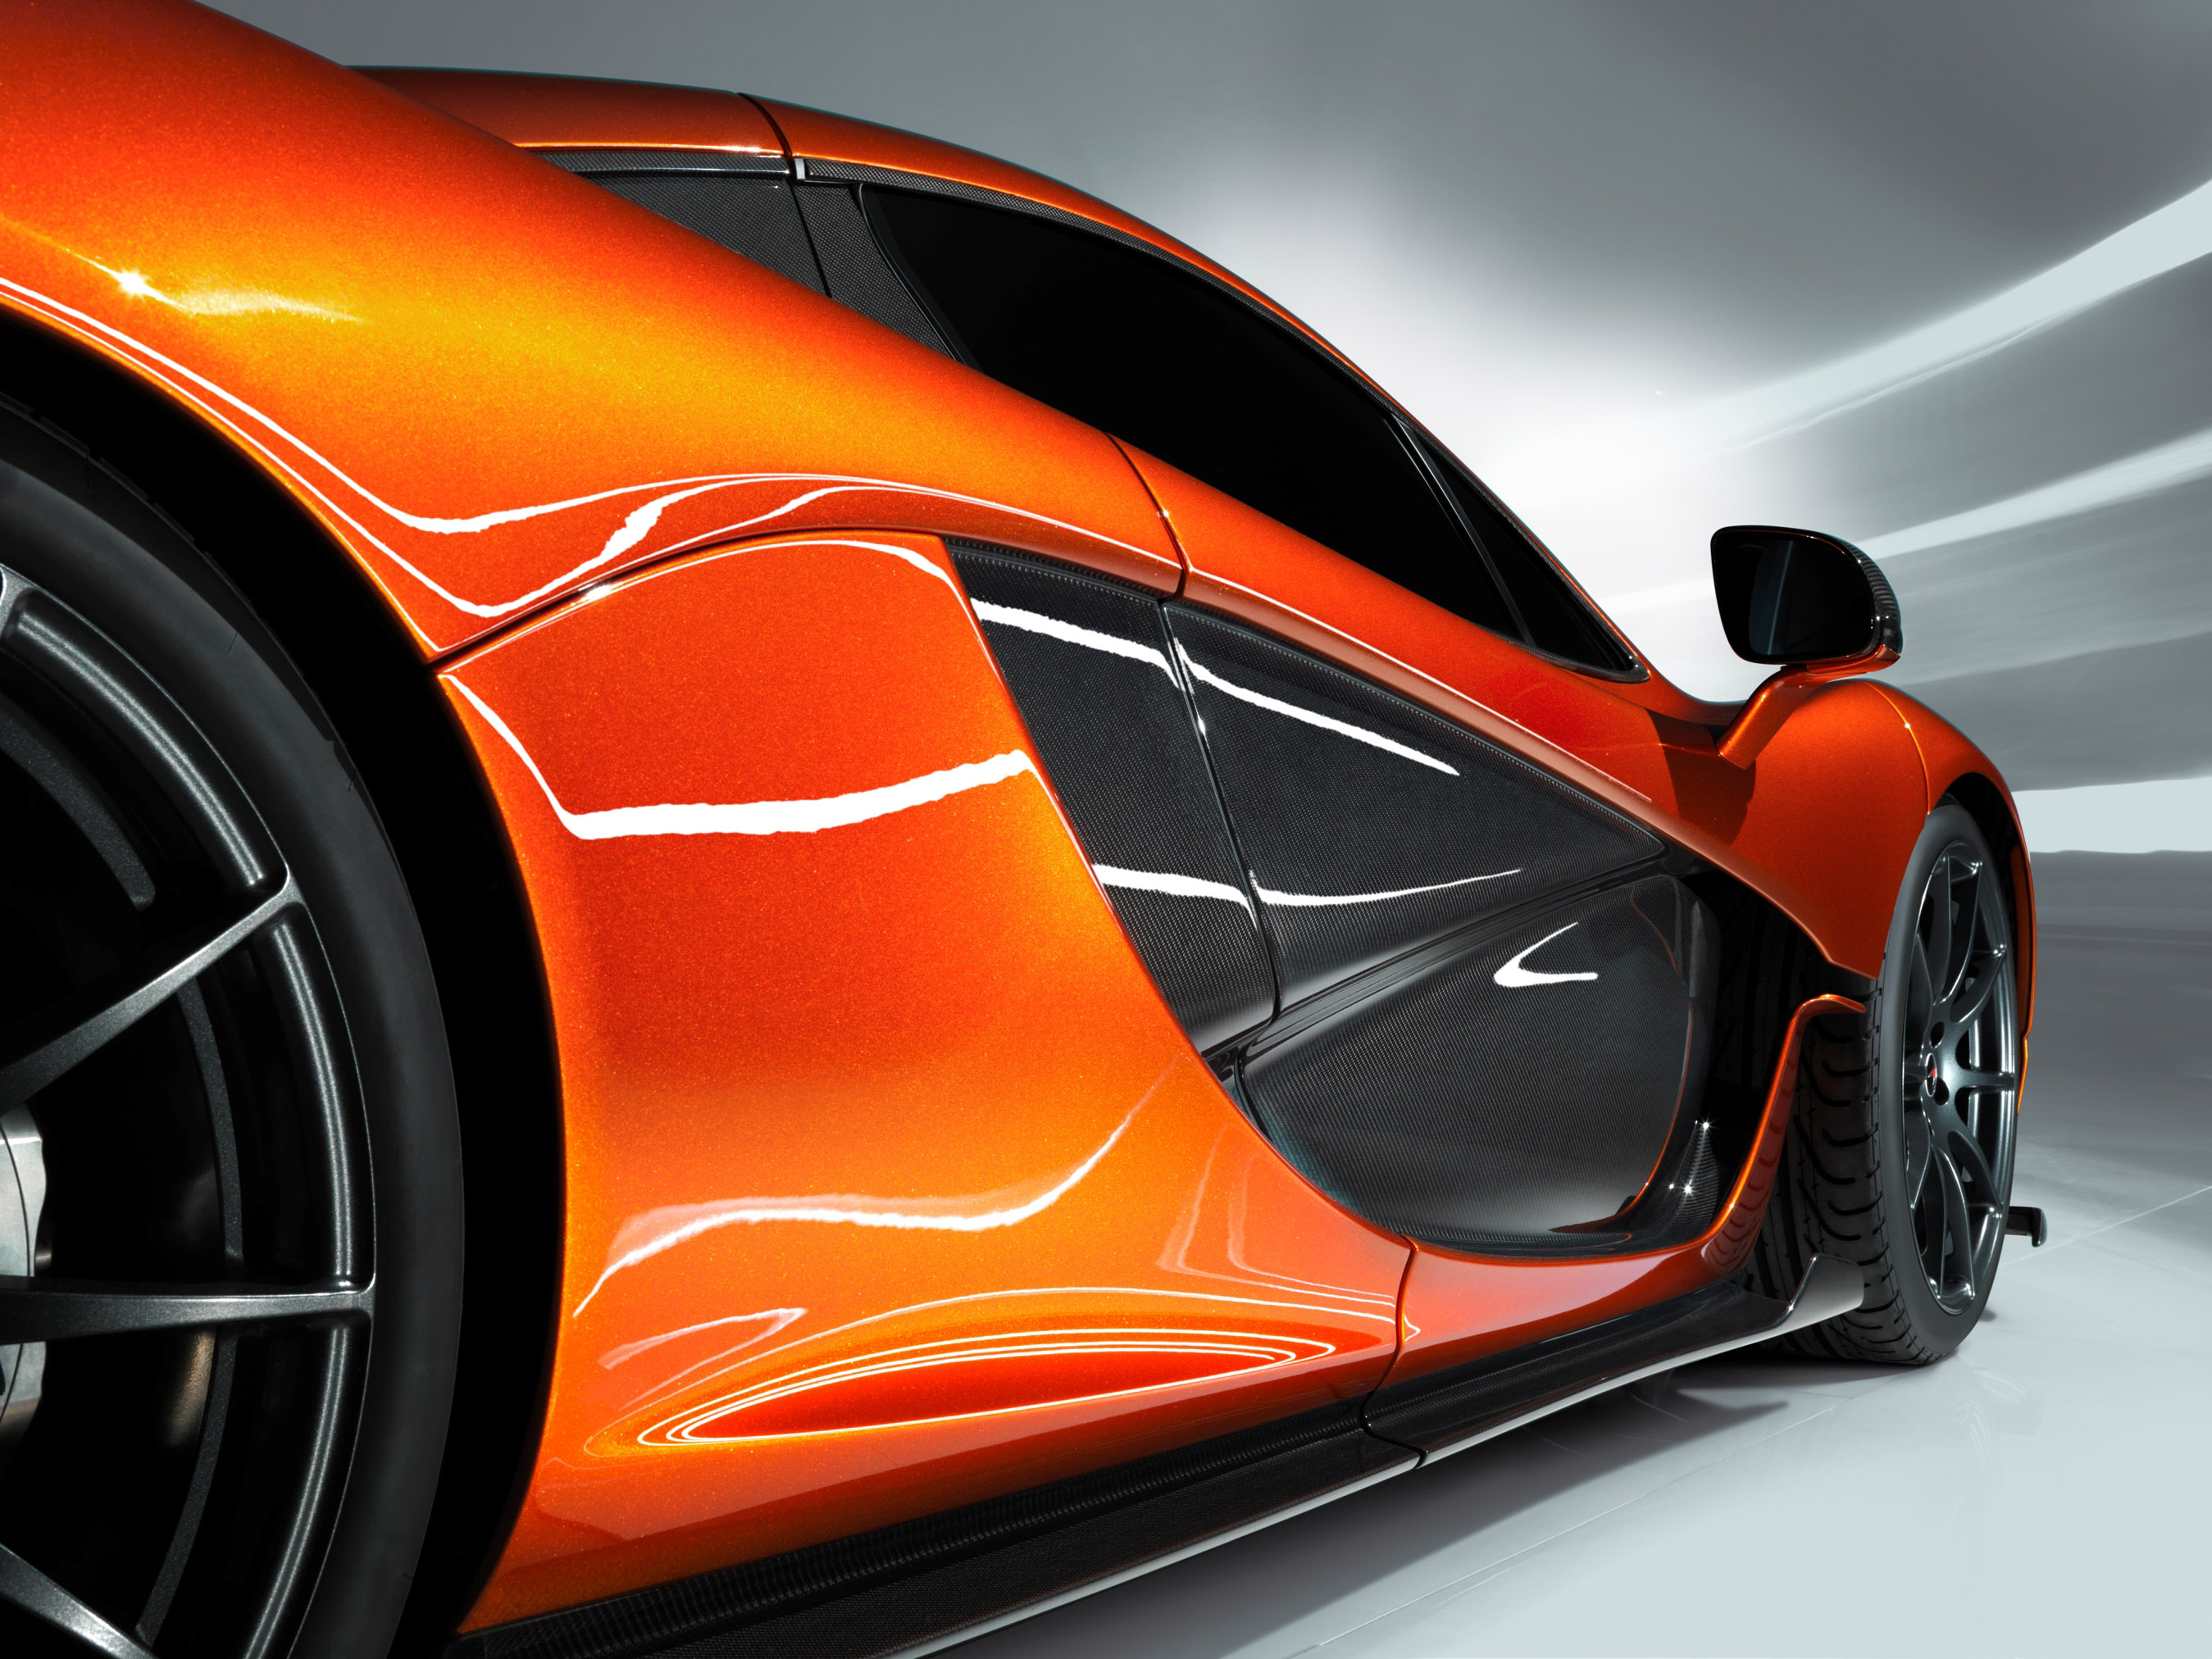 https://www.automobilesreview.com/img/mclaren-p1-concept/mclaren-p1-concept-14.jpg